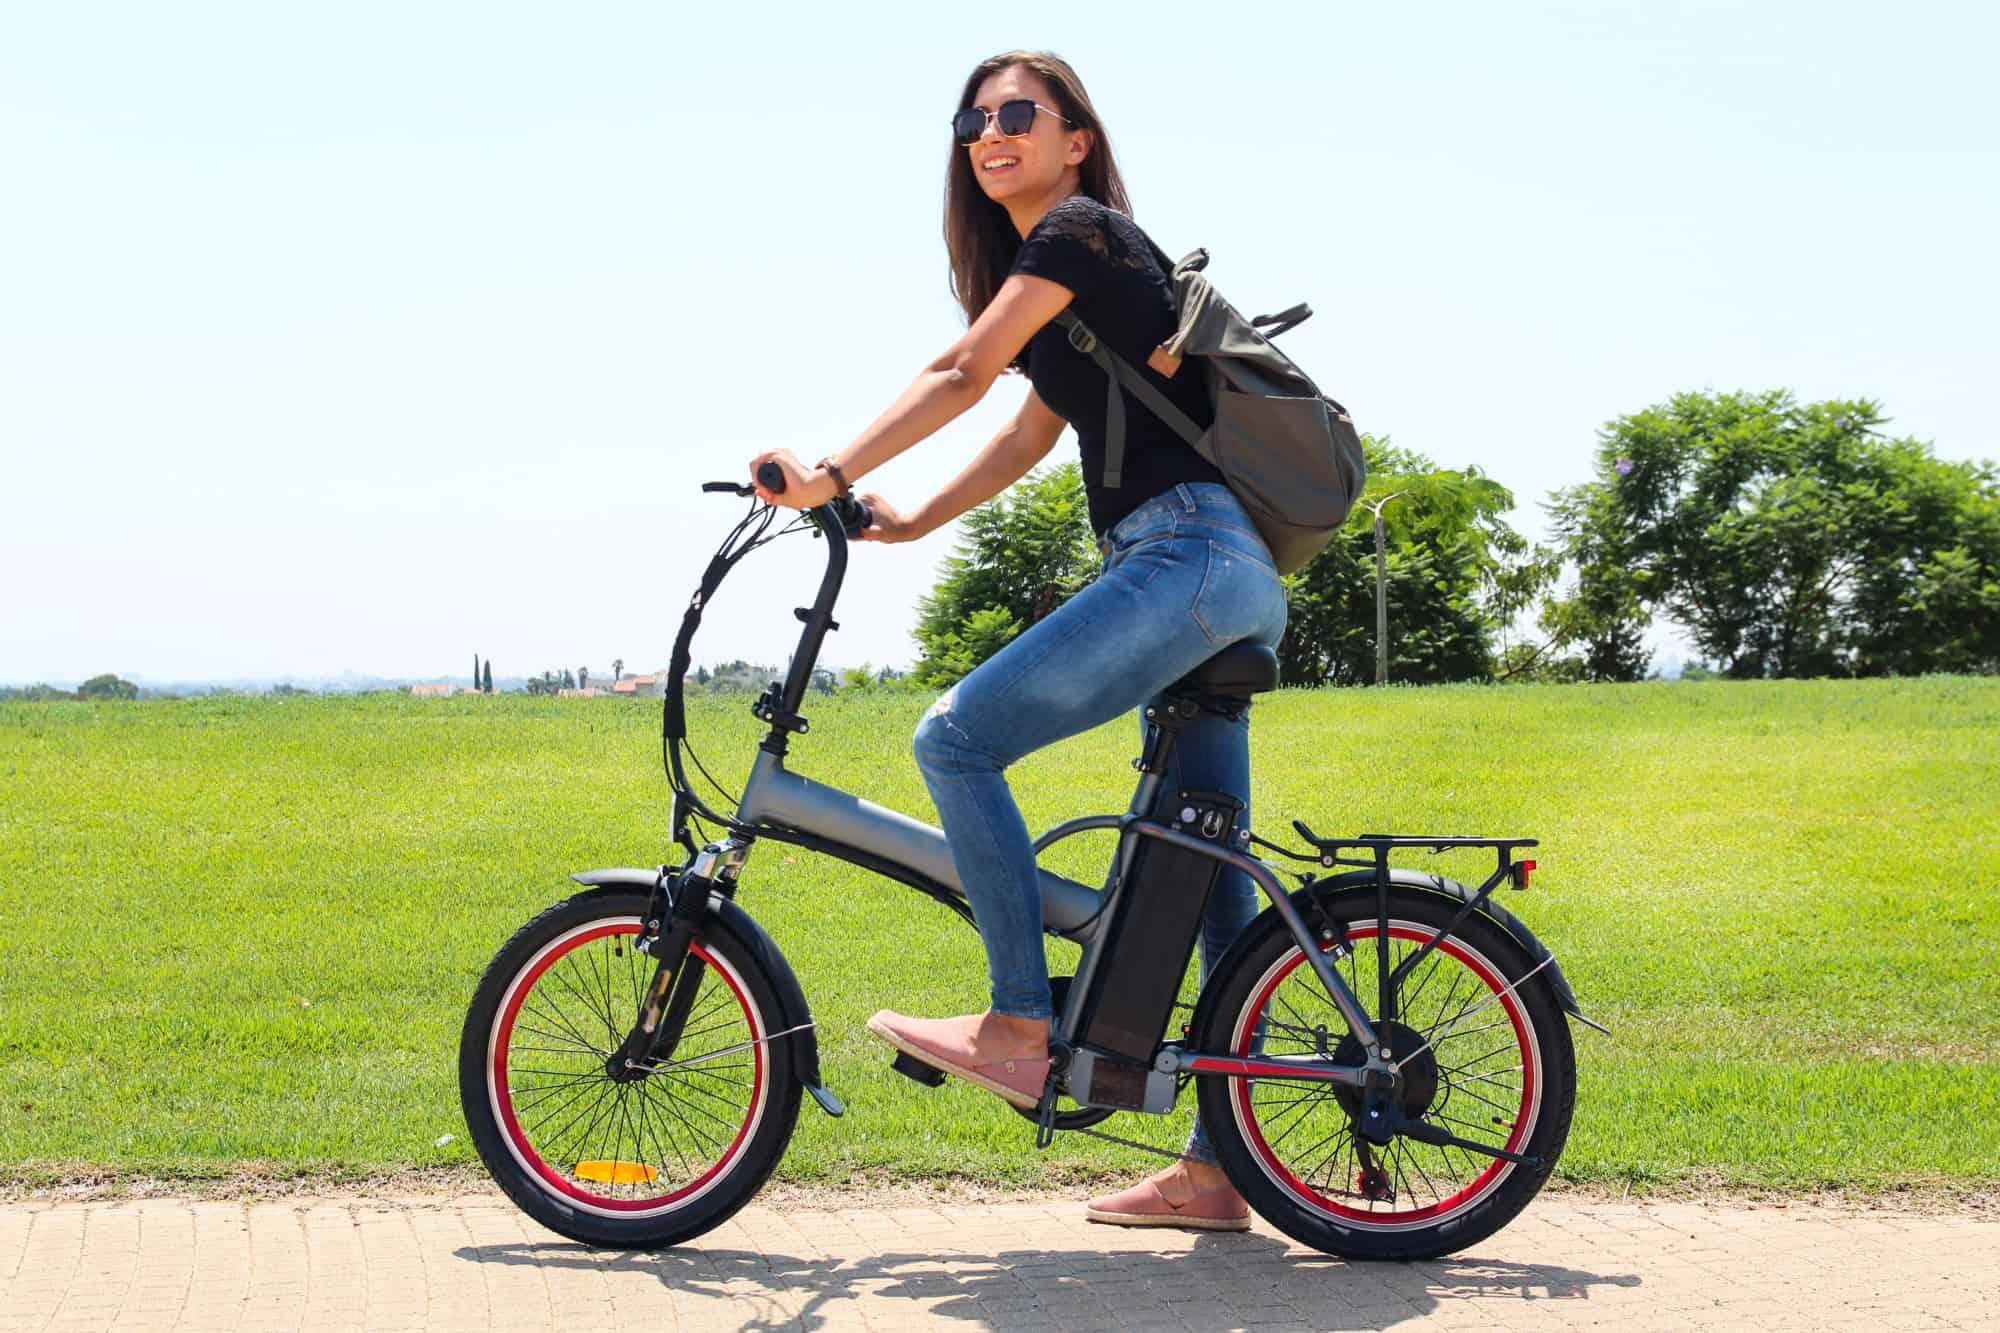 Should You Buy a Cheap Electric Bike?